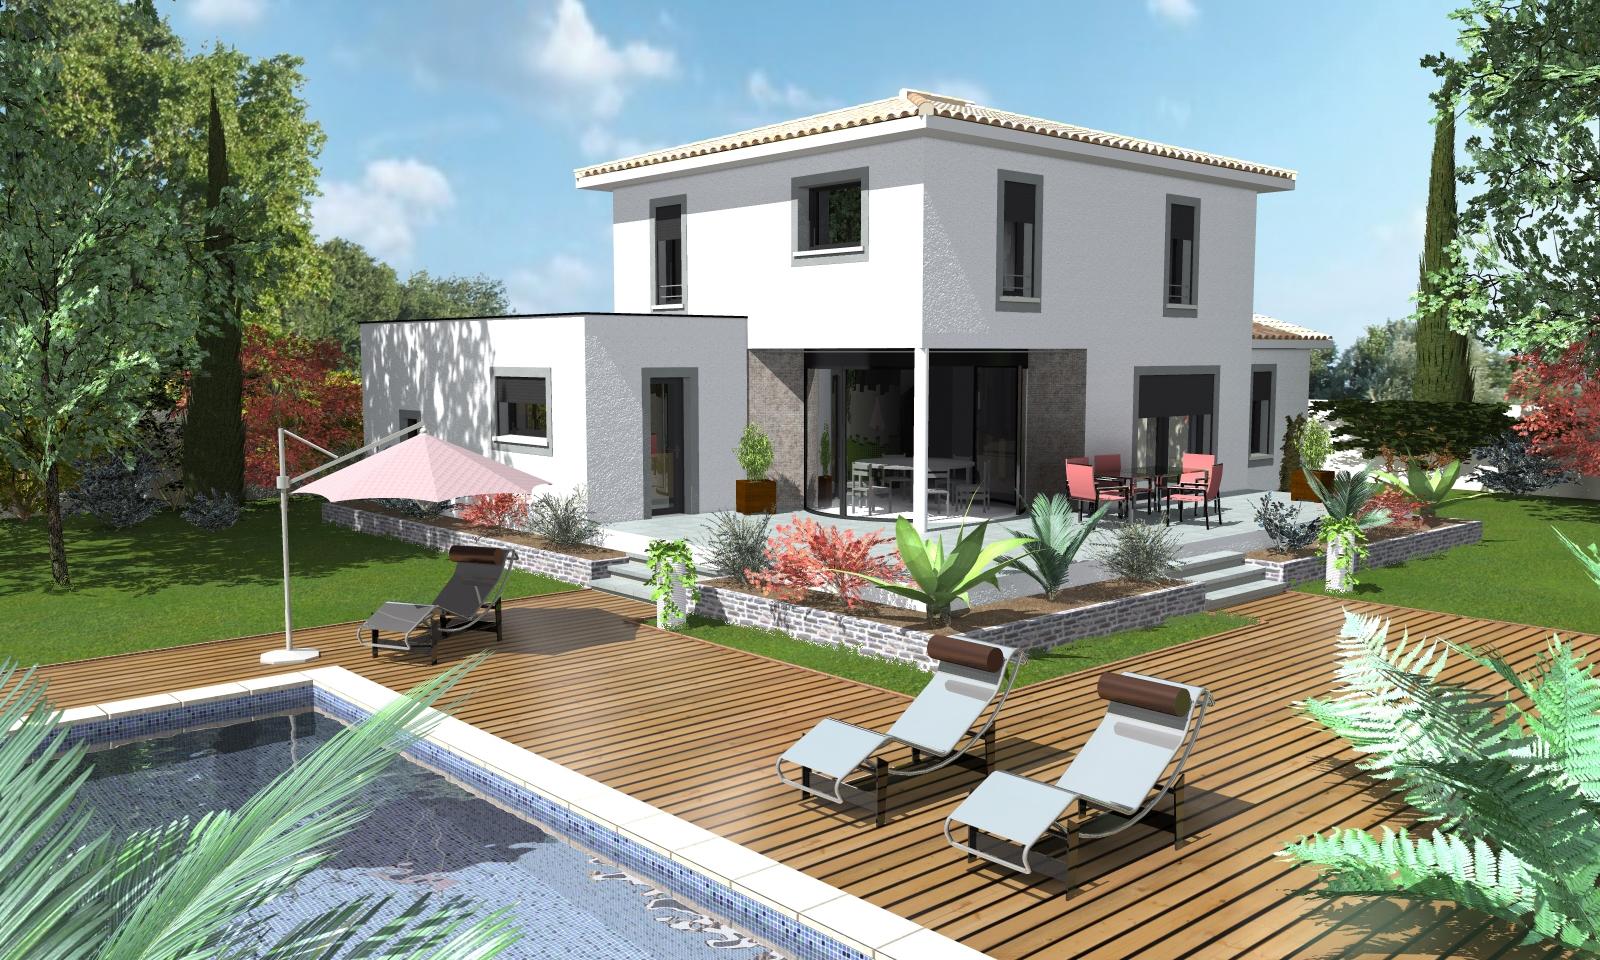 Nouveaux mod les de maisons par le constructeur atm lumicene for Modele maison nicolas